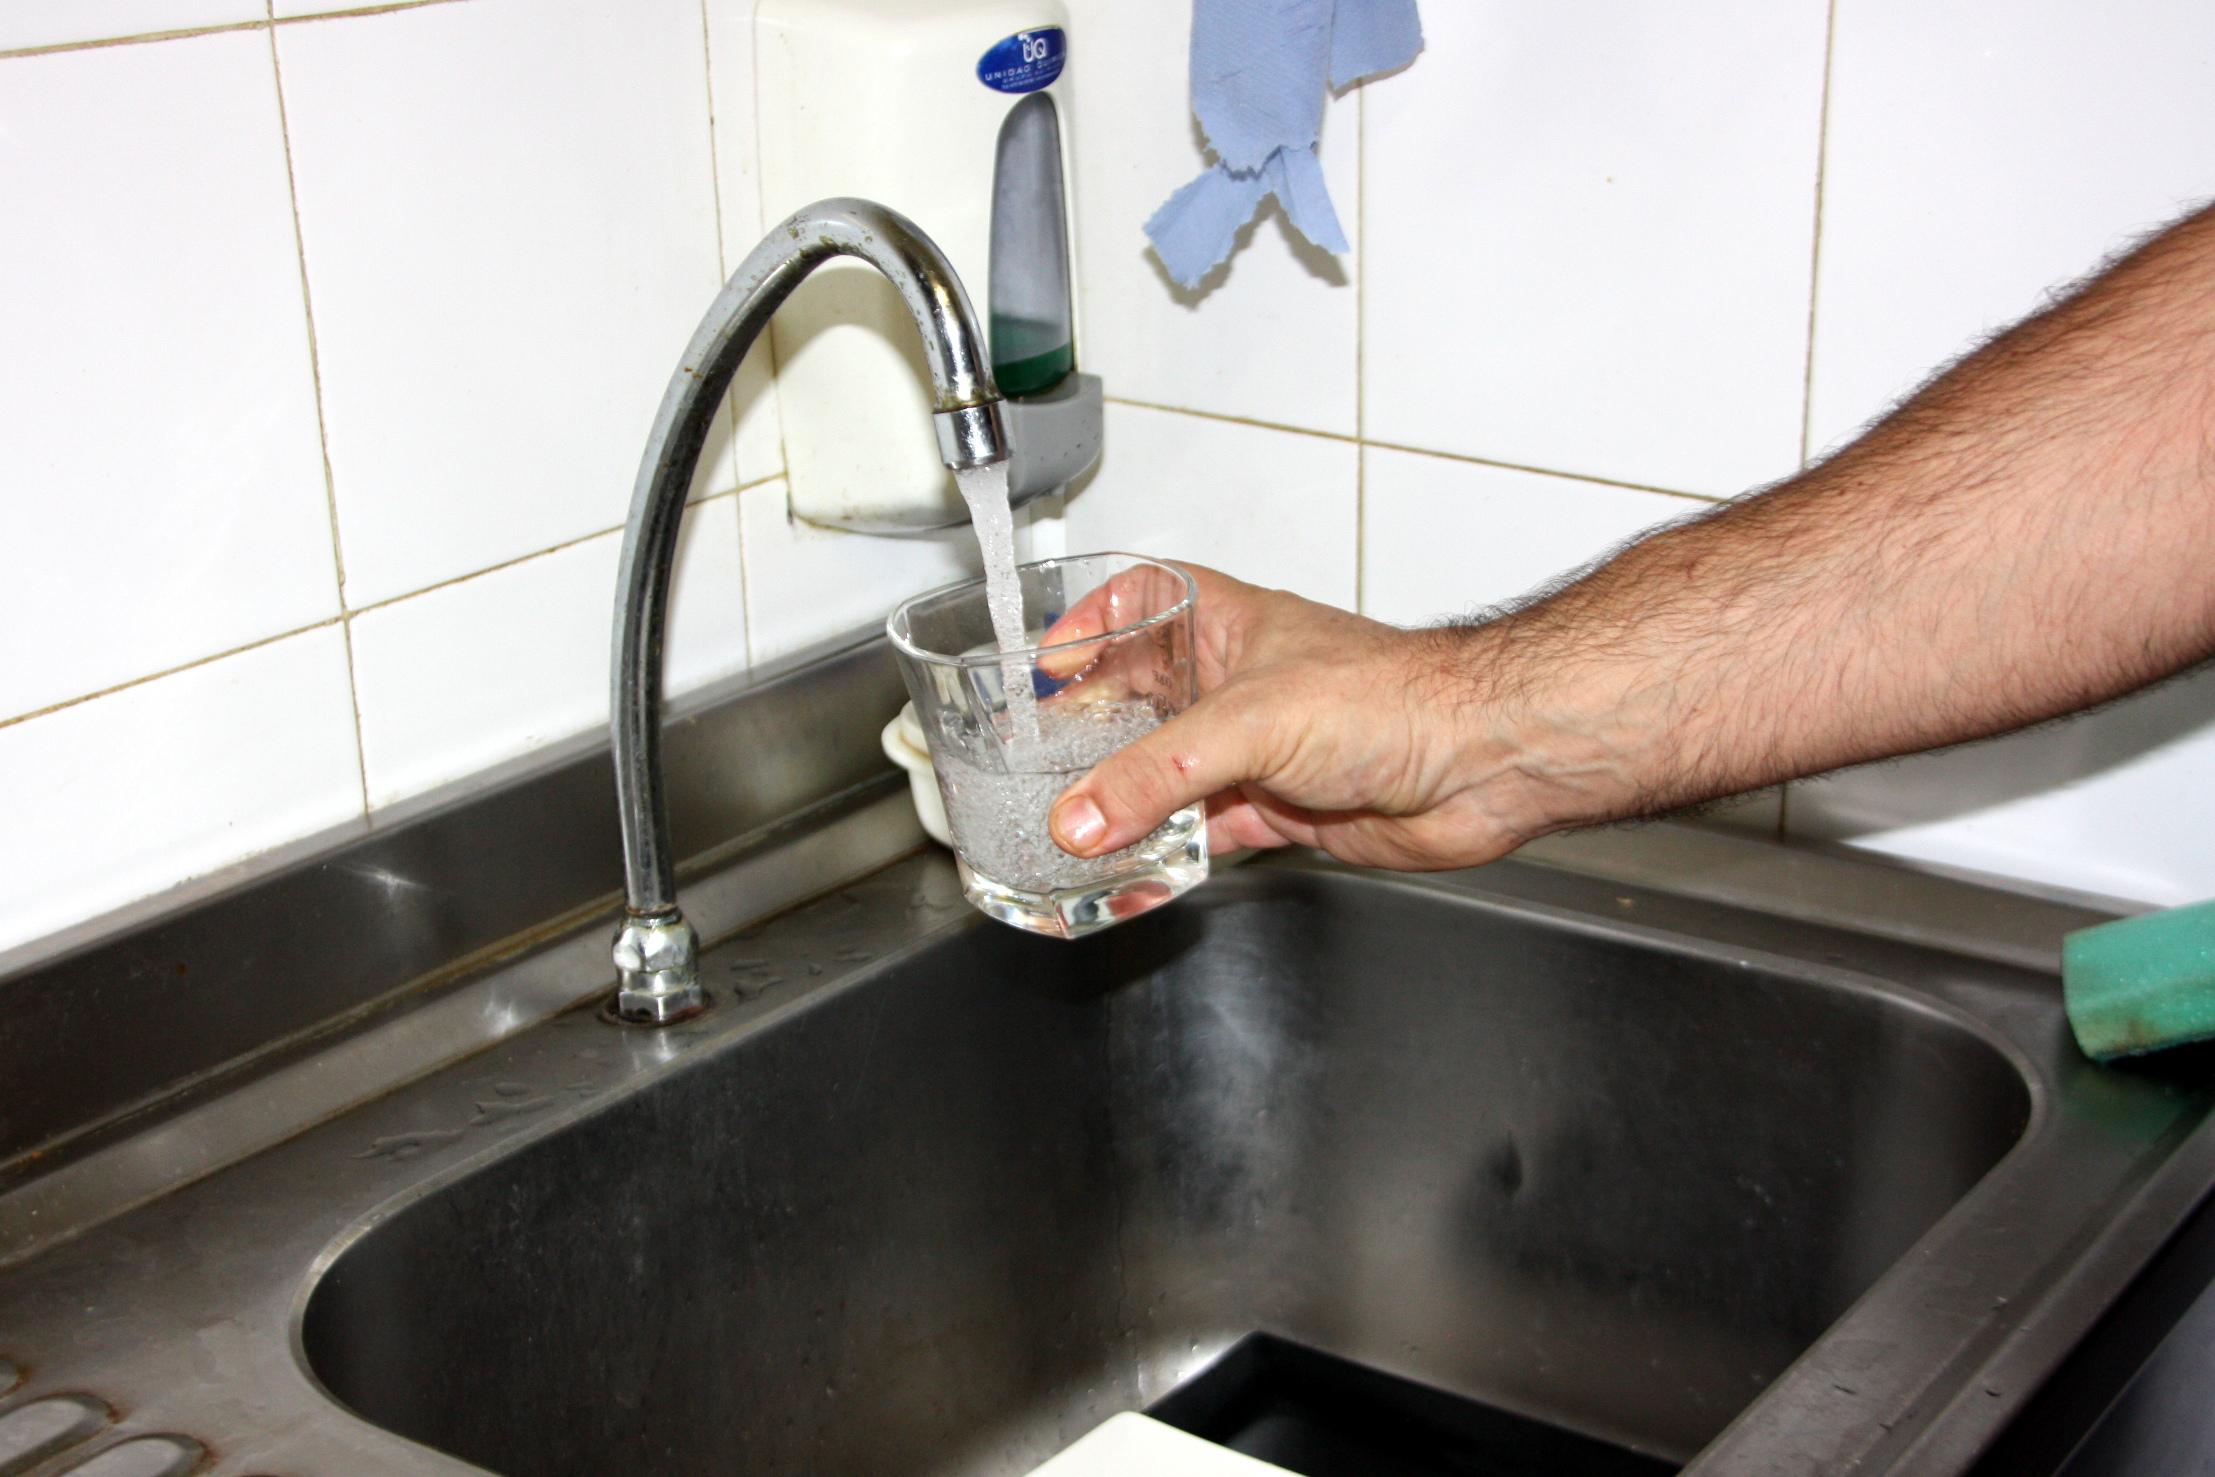 Una mà omplint un got d'aigua de l'aixeta | ACN